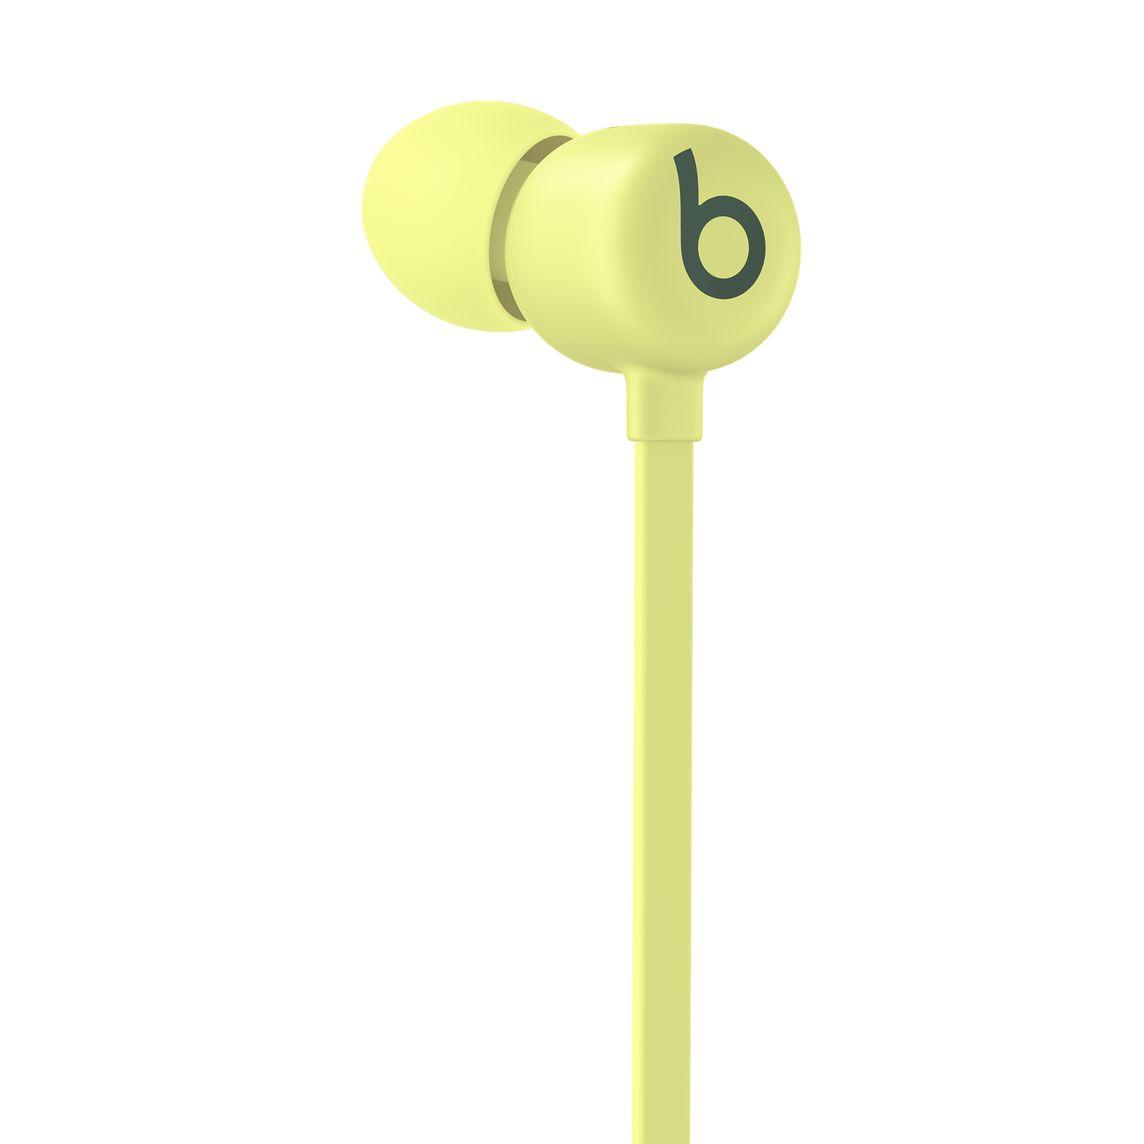 - Audifono In Ear Wireless Flex Beats / Amarillo 3